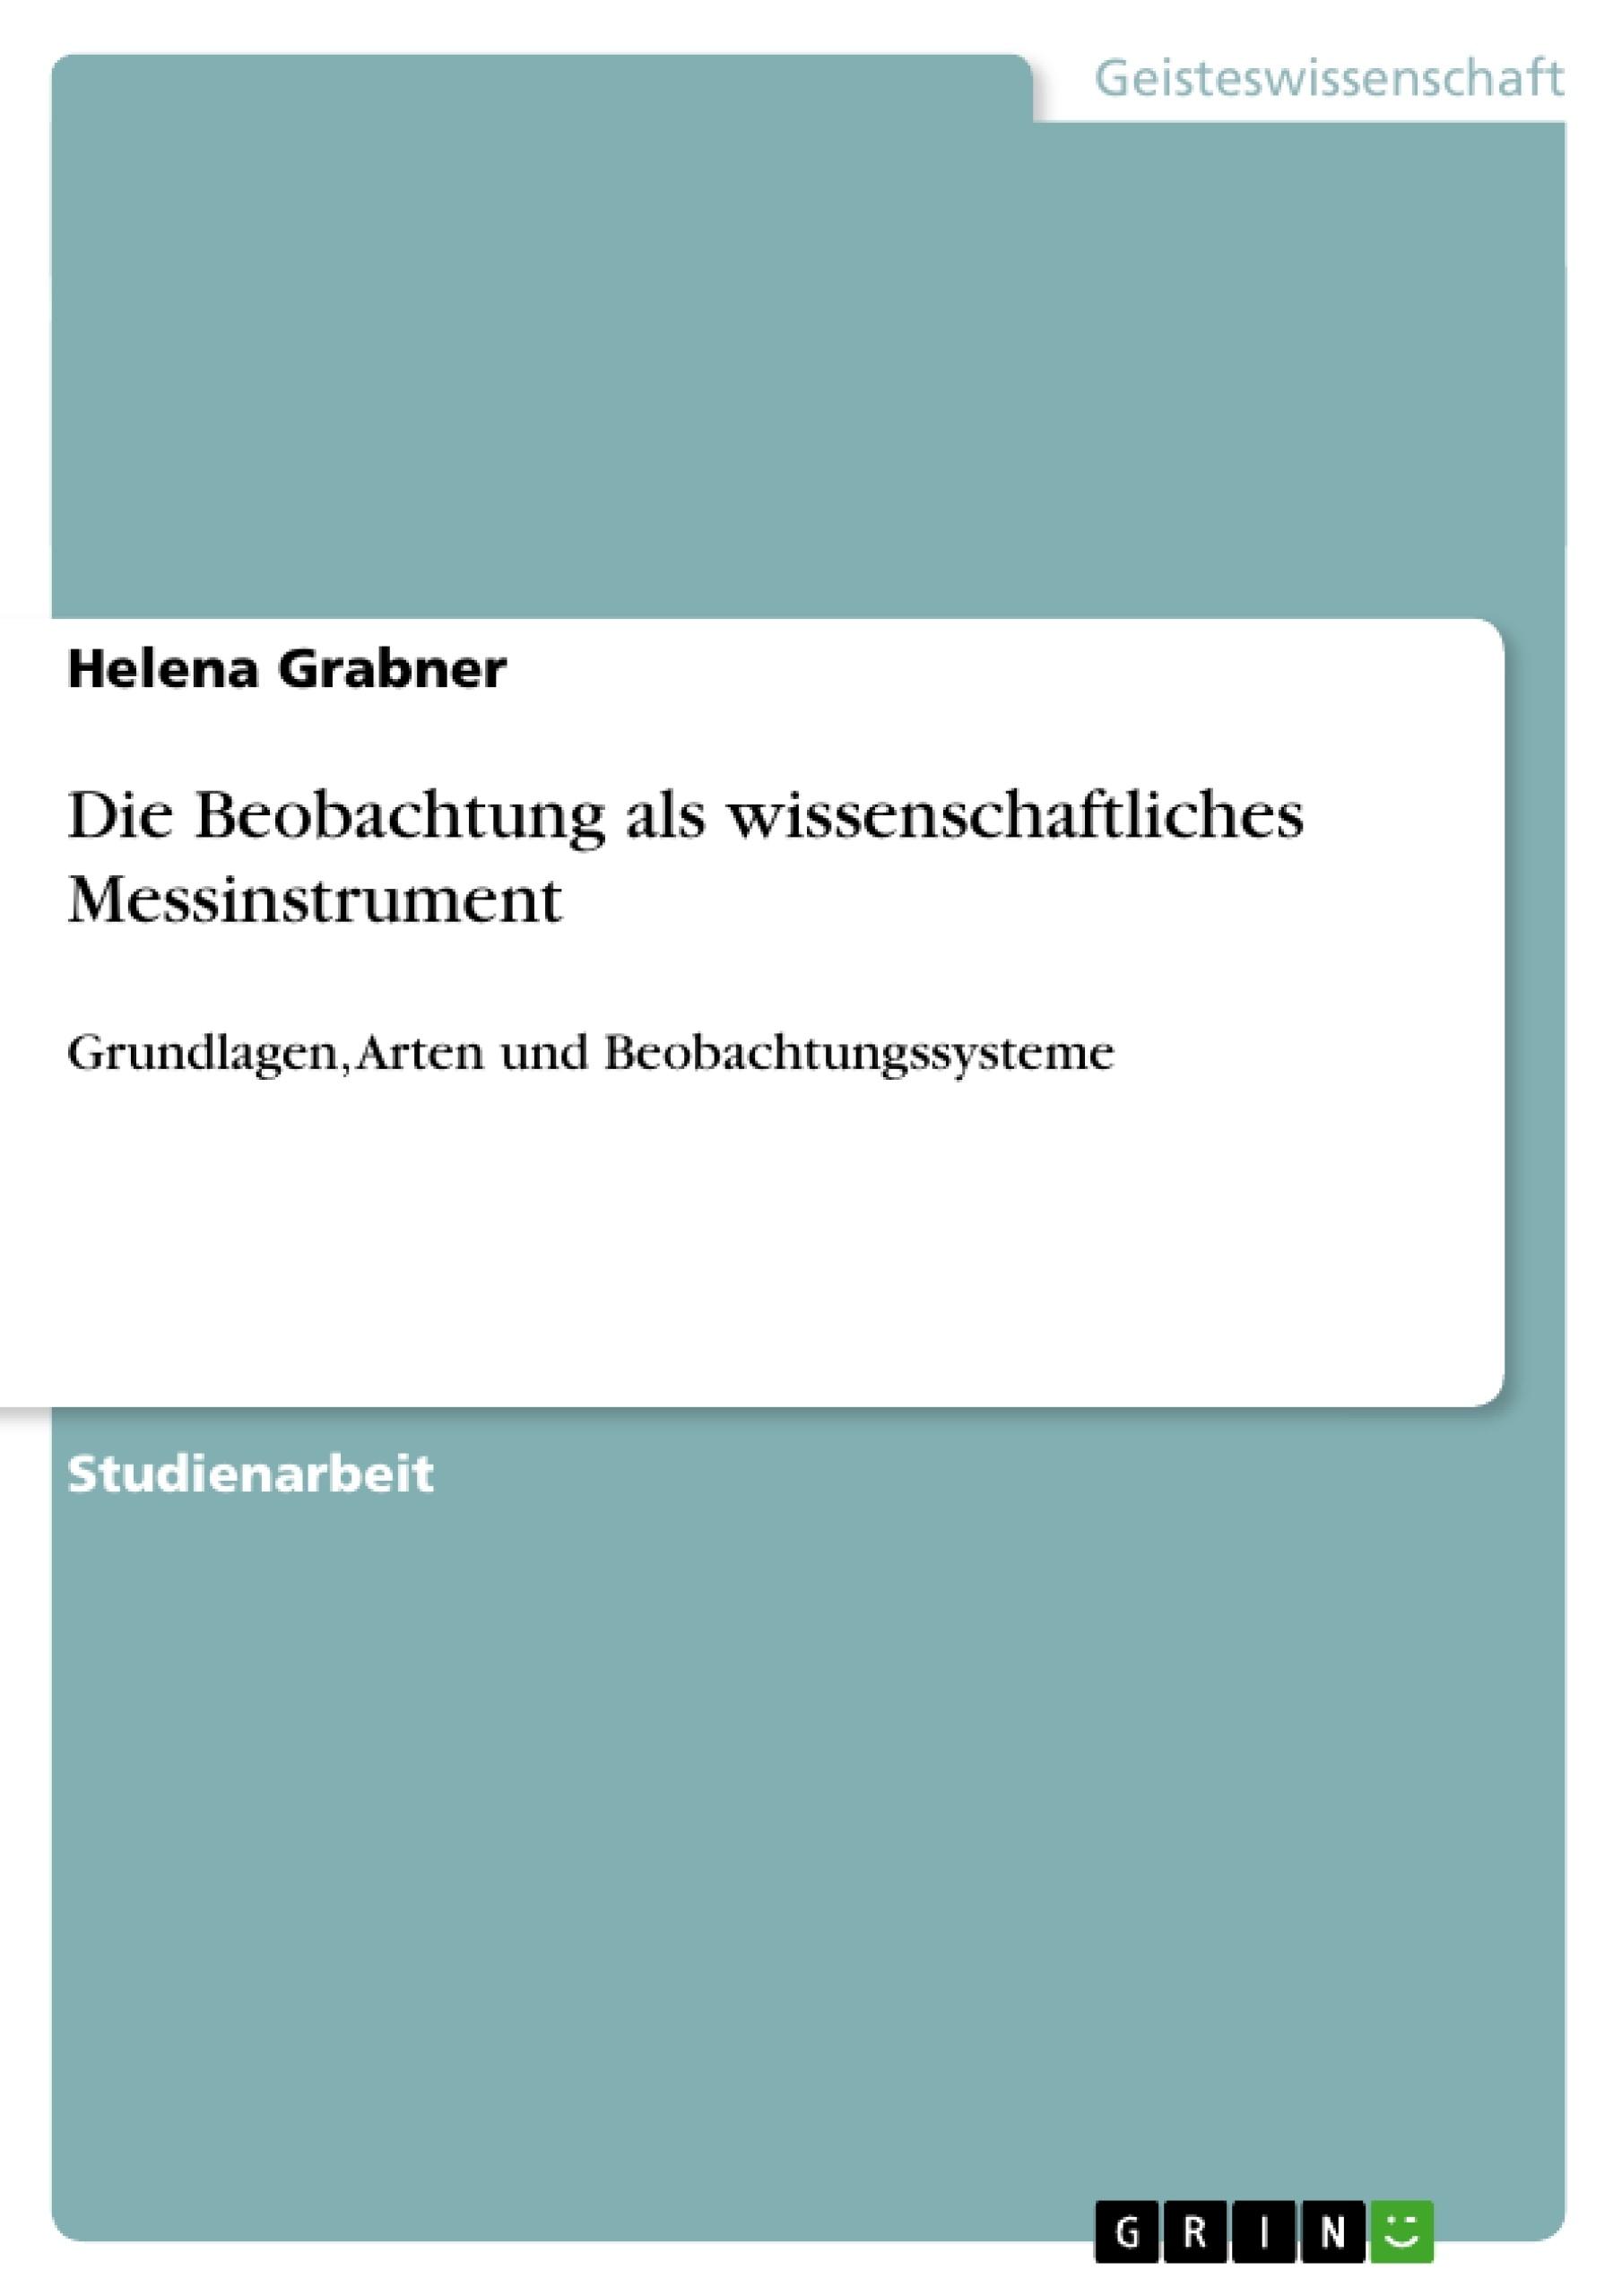 Titel: Die Beobachtung als wissenschaftliches Messinstrument